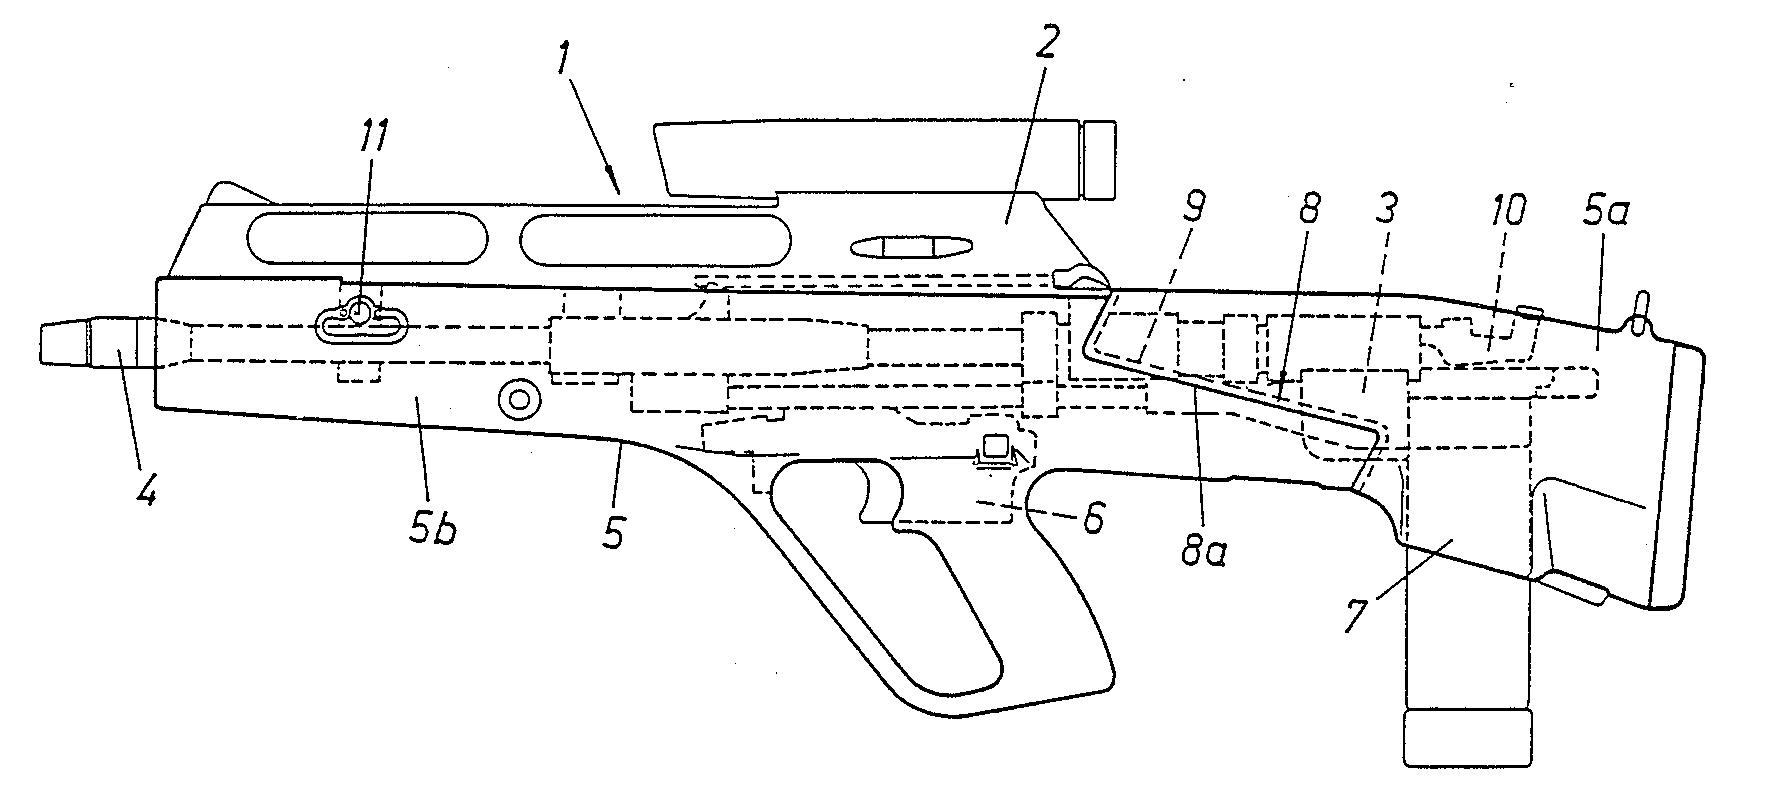 Steyr_ACR_layout_schematic